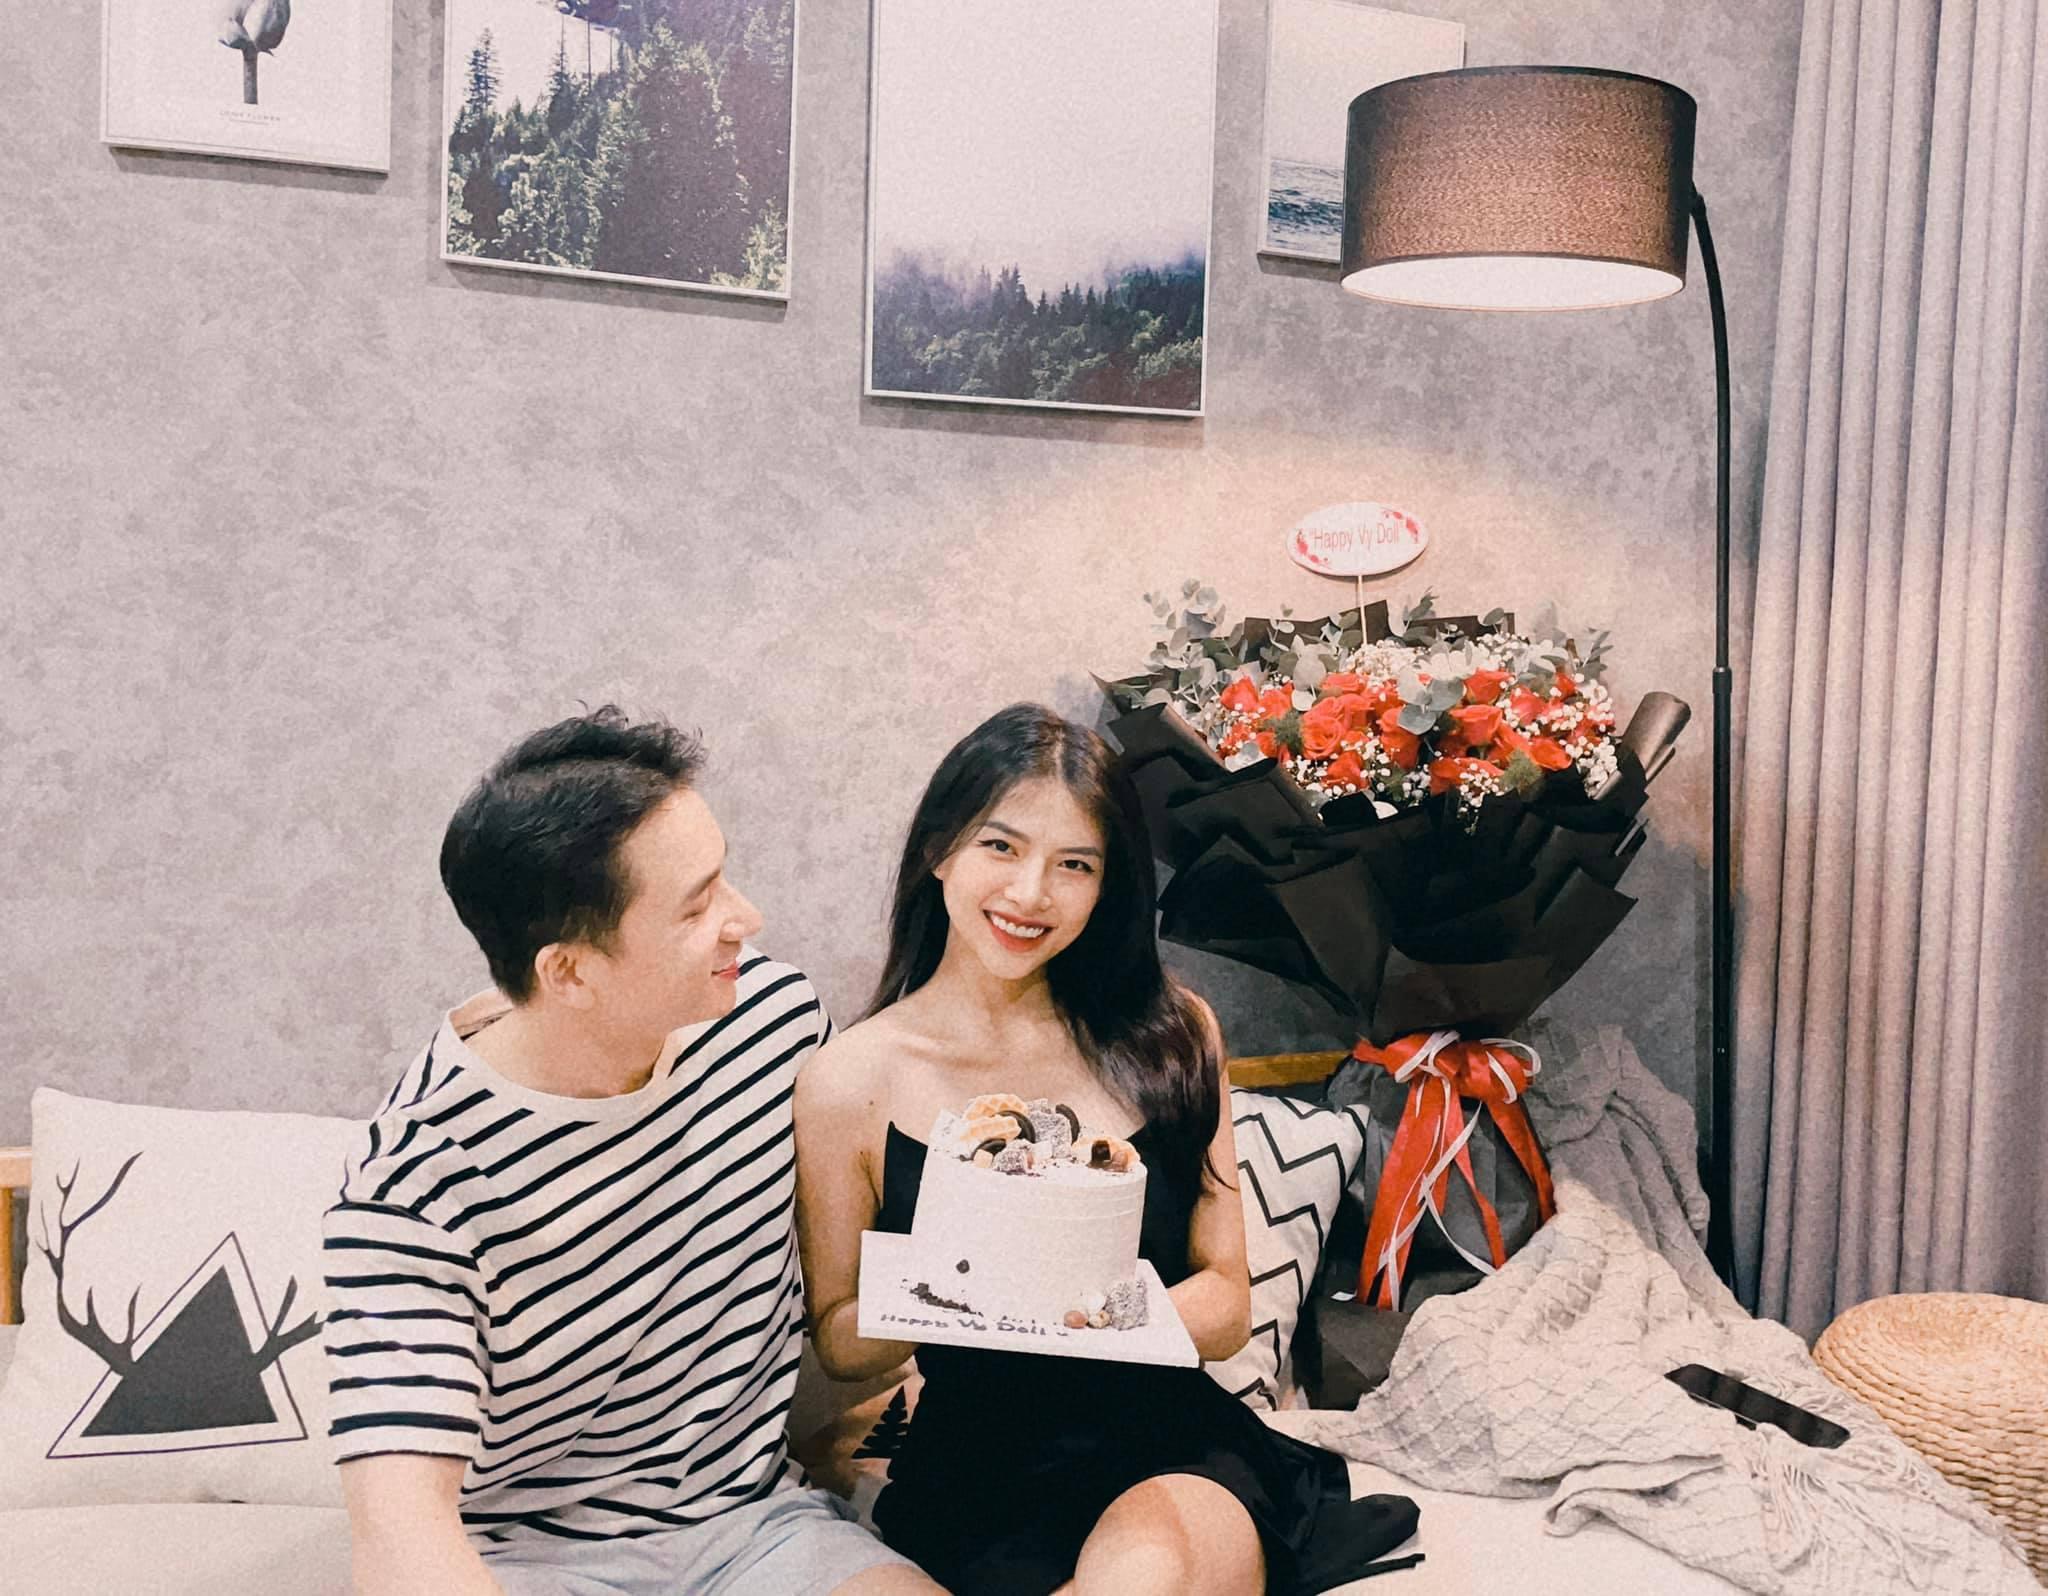 Cộng đồng mạng 'cười bò' với màn đối đáp bằng thơ 'bá đạo' của vợ Phan Mạnh Quỳnh